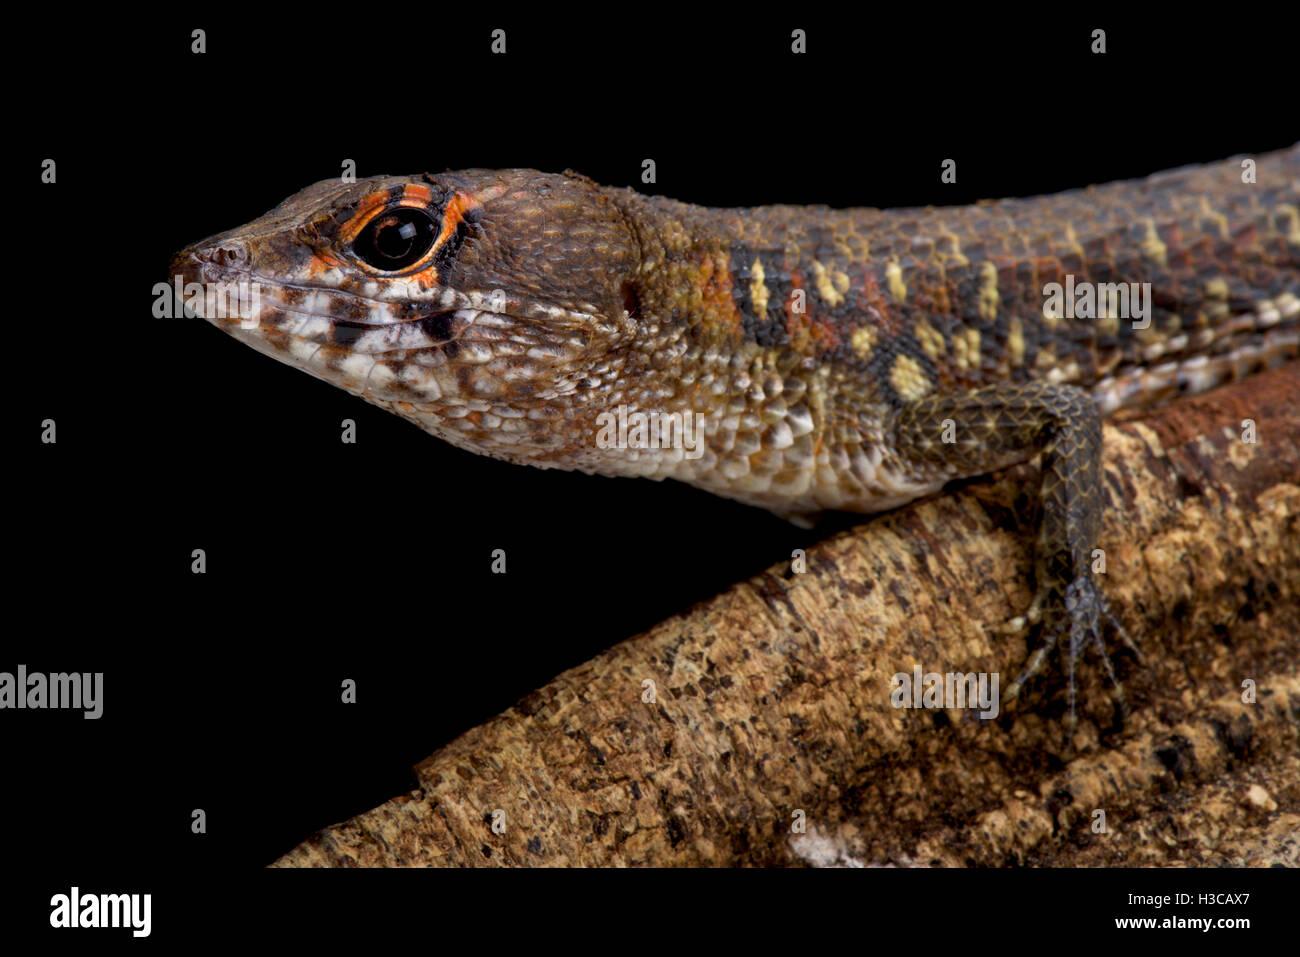 L'eau à deux faces Neusticurus bicarinatus,teju,Suriname Banque D'Images